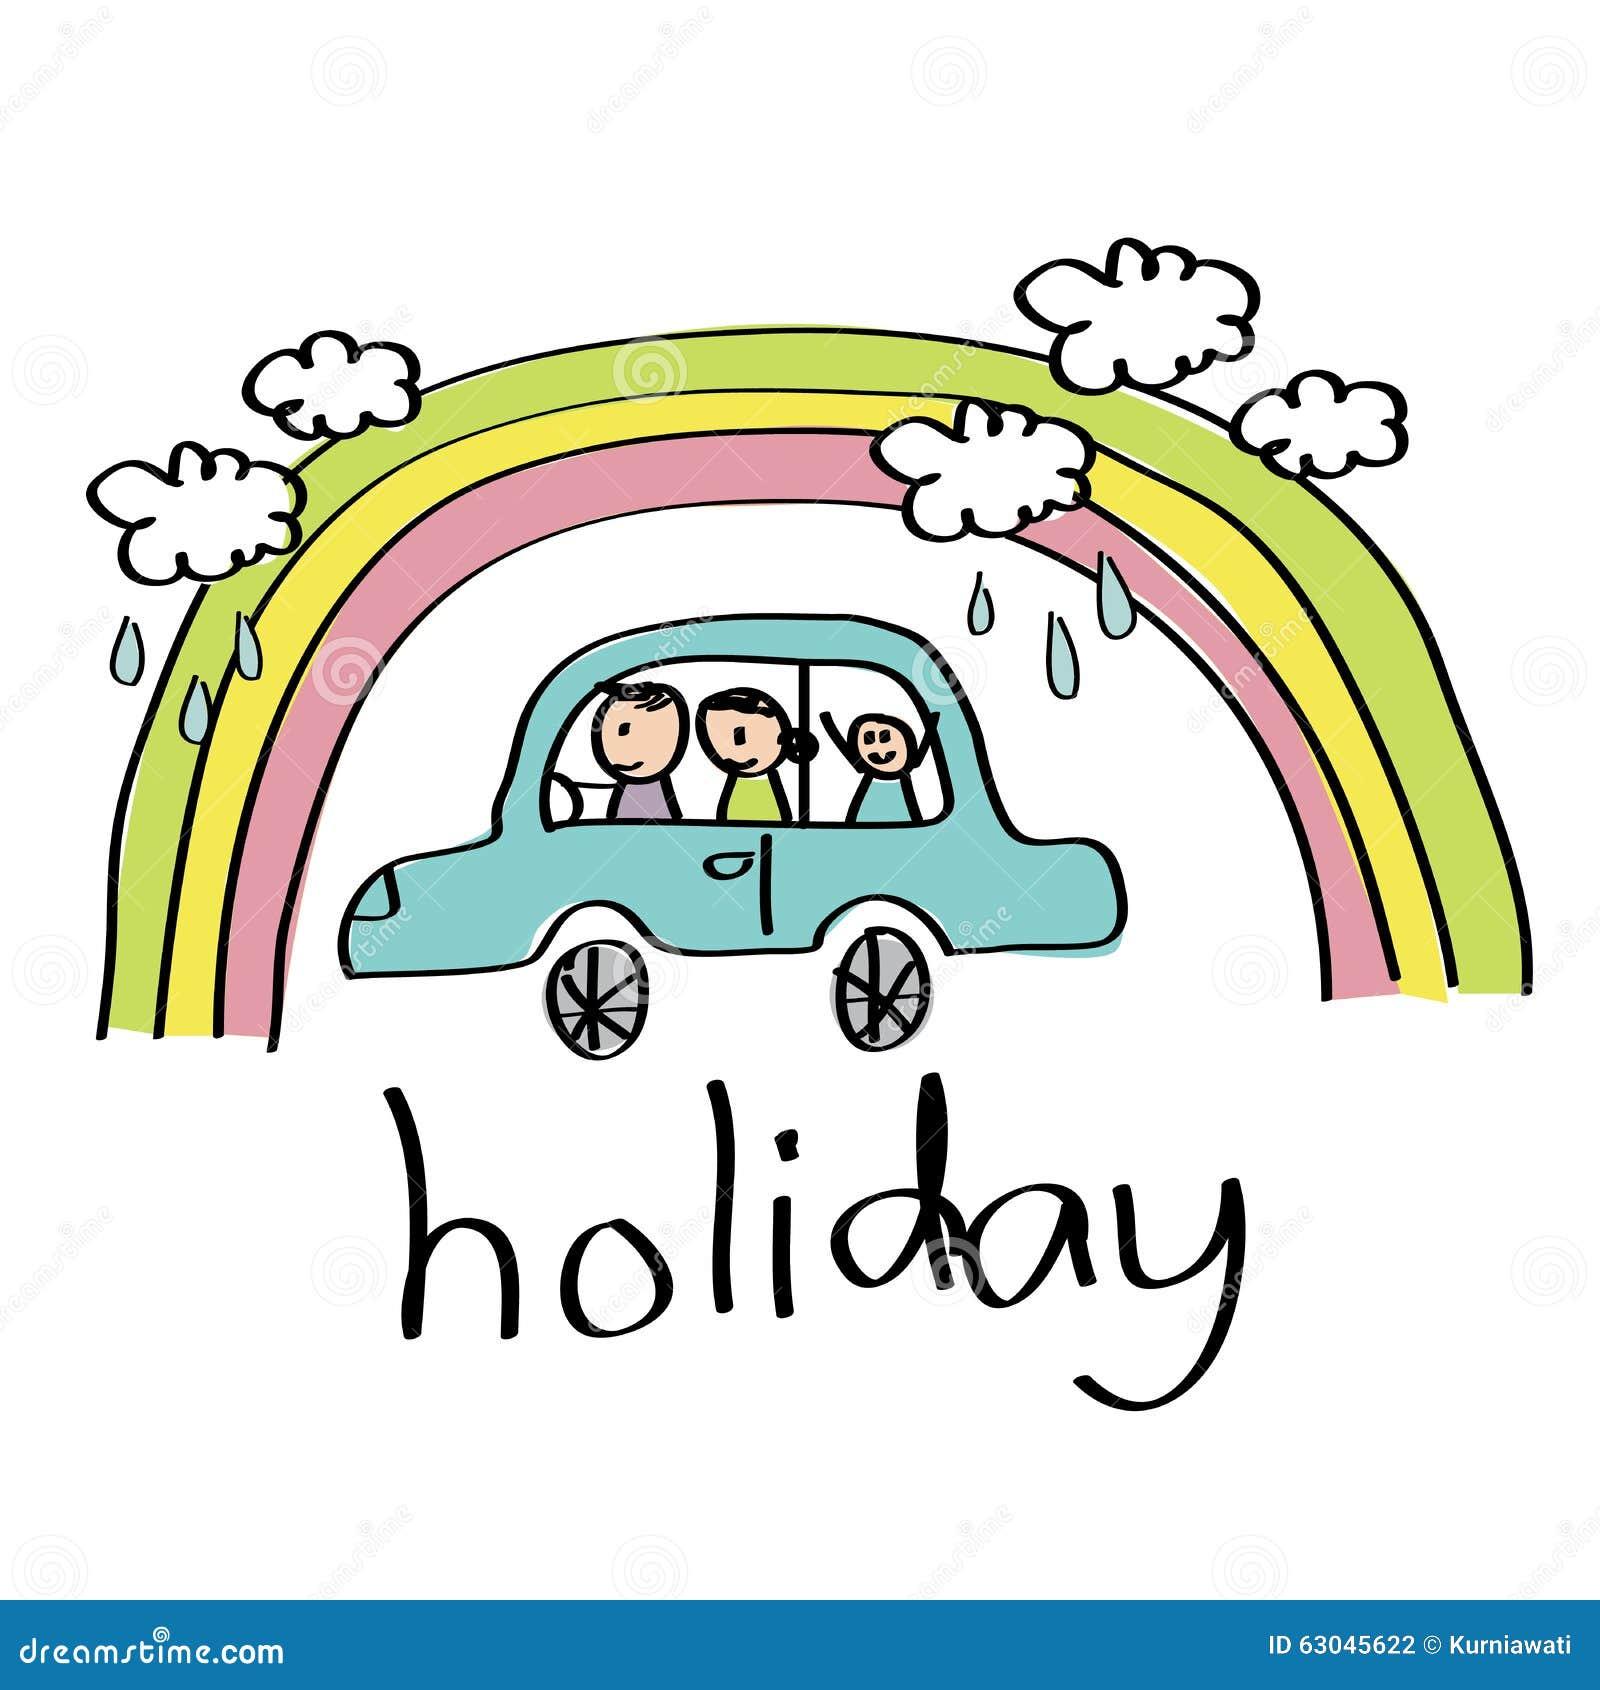 Dessin de vacances de famille illustration de vecteur - Dessin de vacances ...